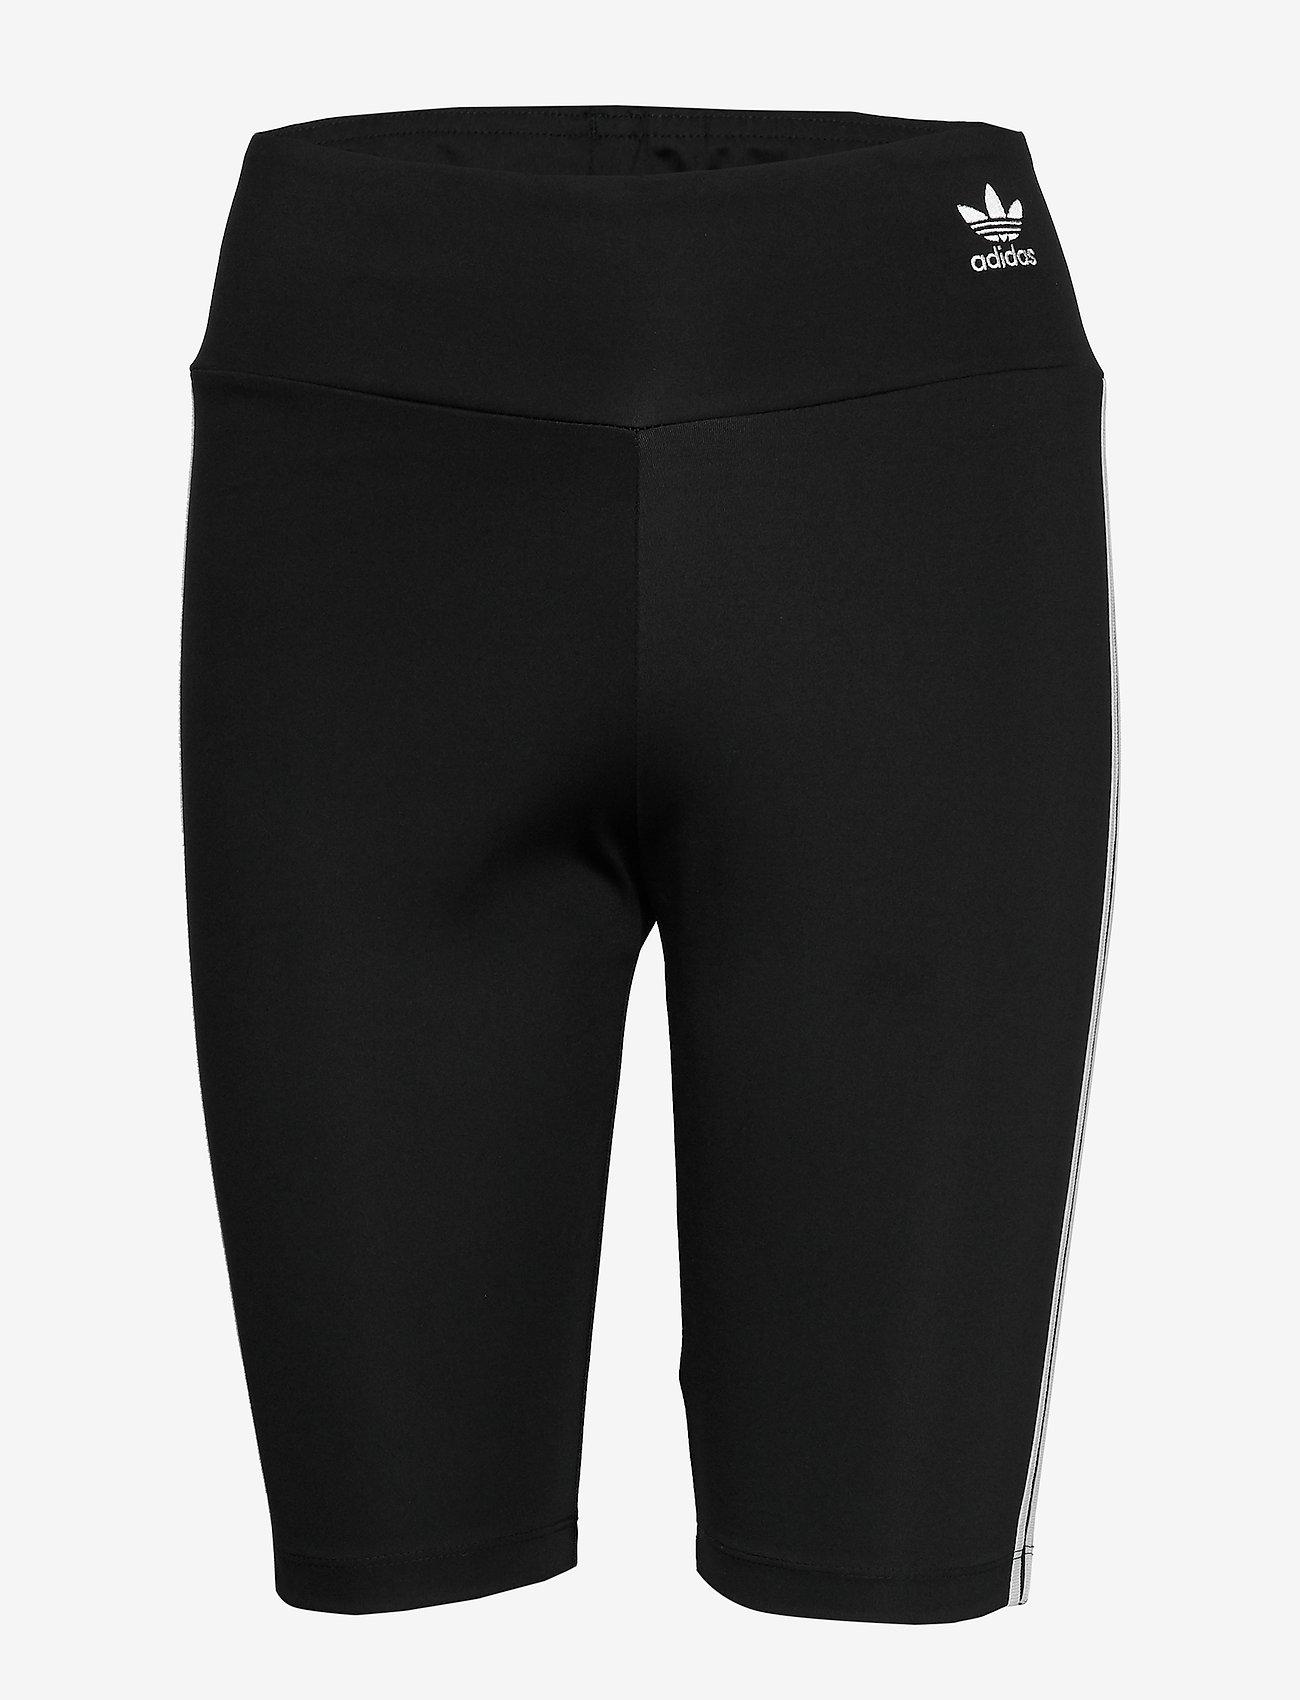 adidas Originals - SHORT TIGHTS - träningsshorts - black/white - 1